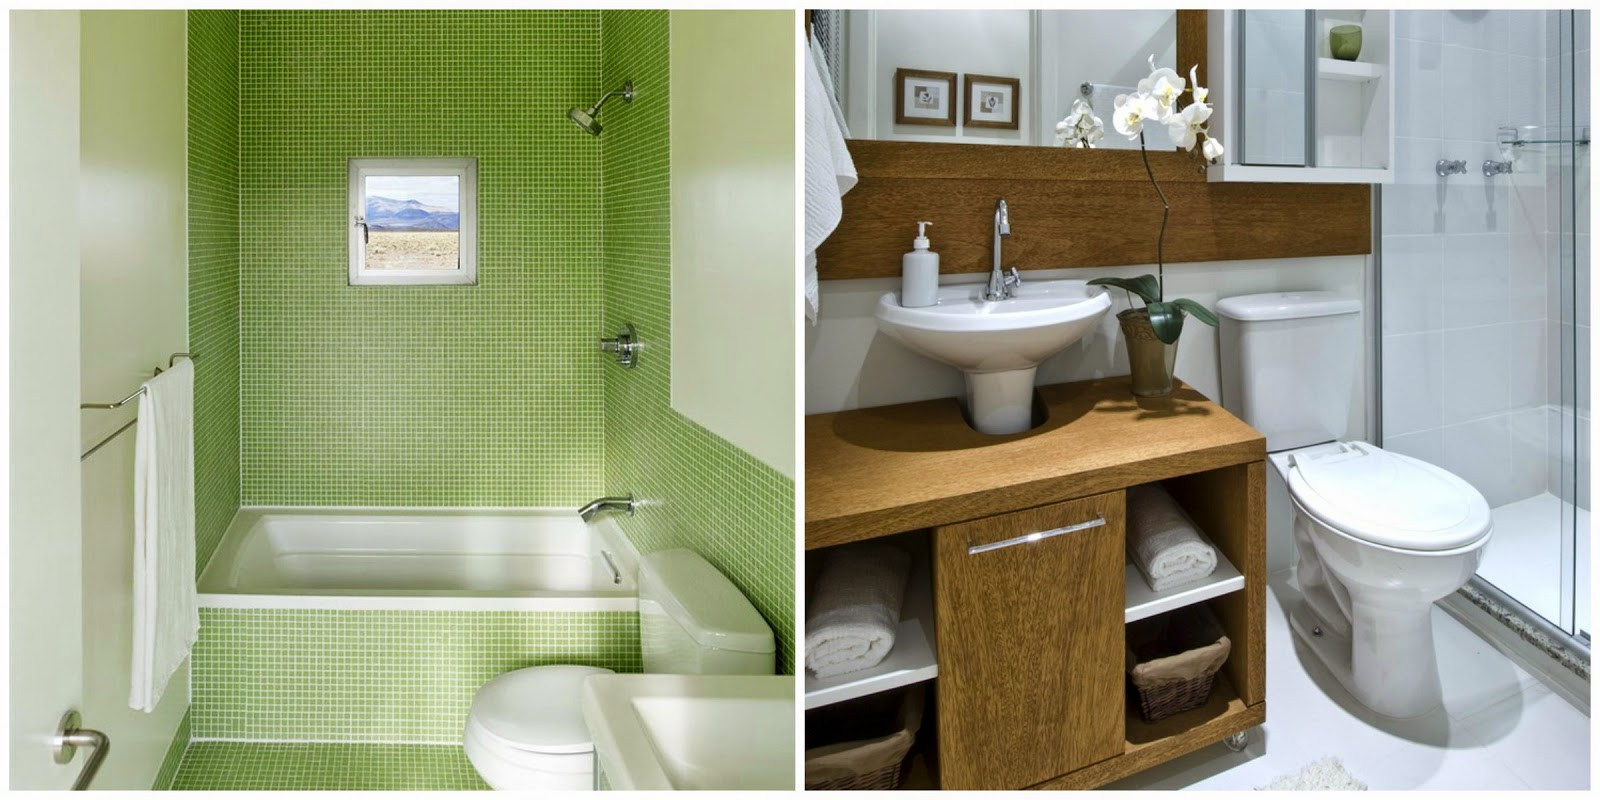 Ideias para decorar o seu banheiro Mari Beleza Pura #4D6517 1600 800